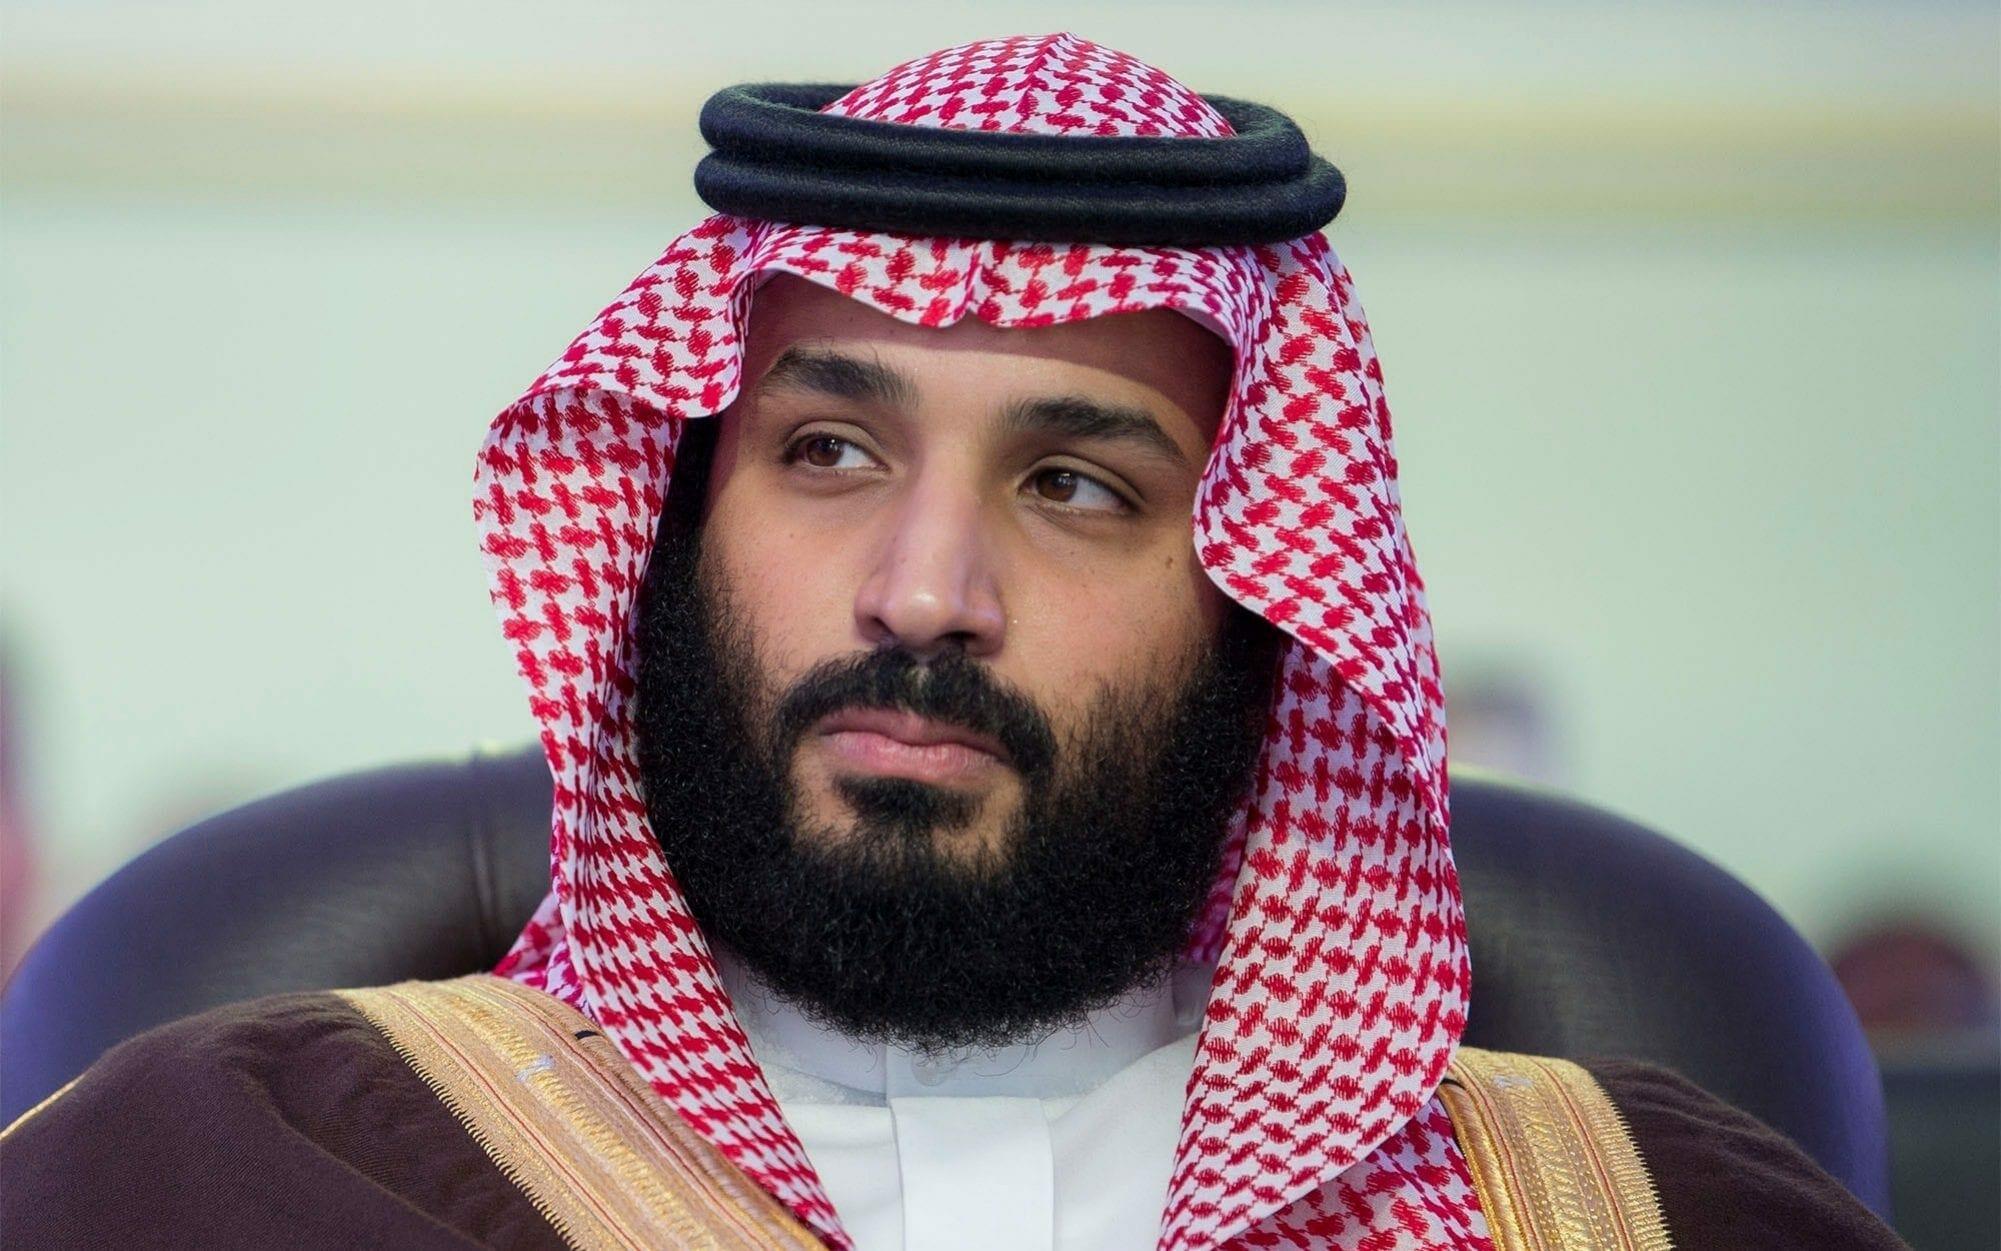 محمد بن سلمان يجري عملية تكميم معدة